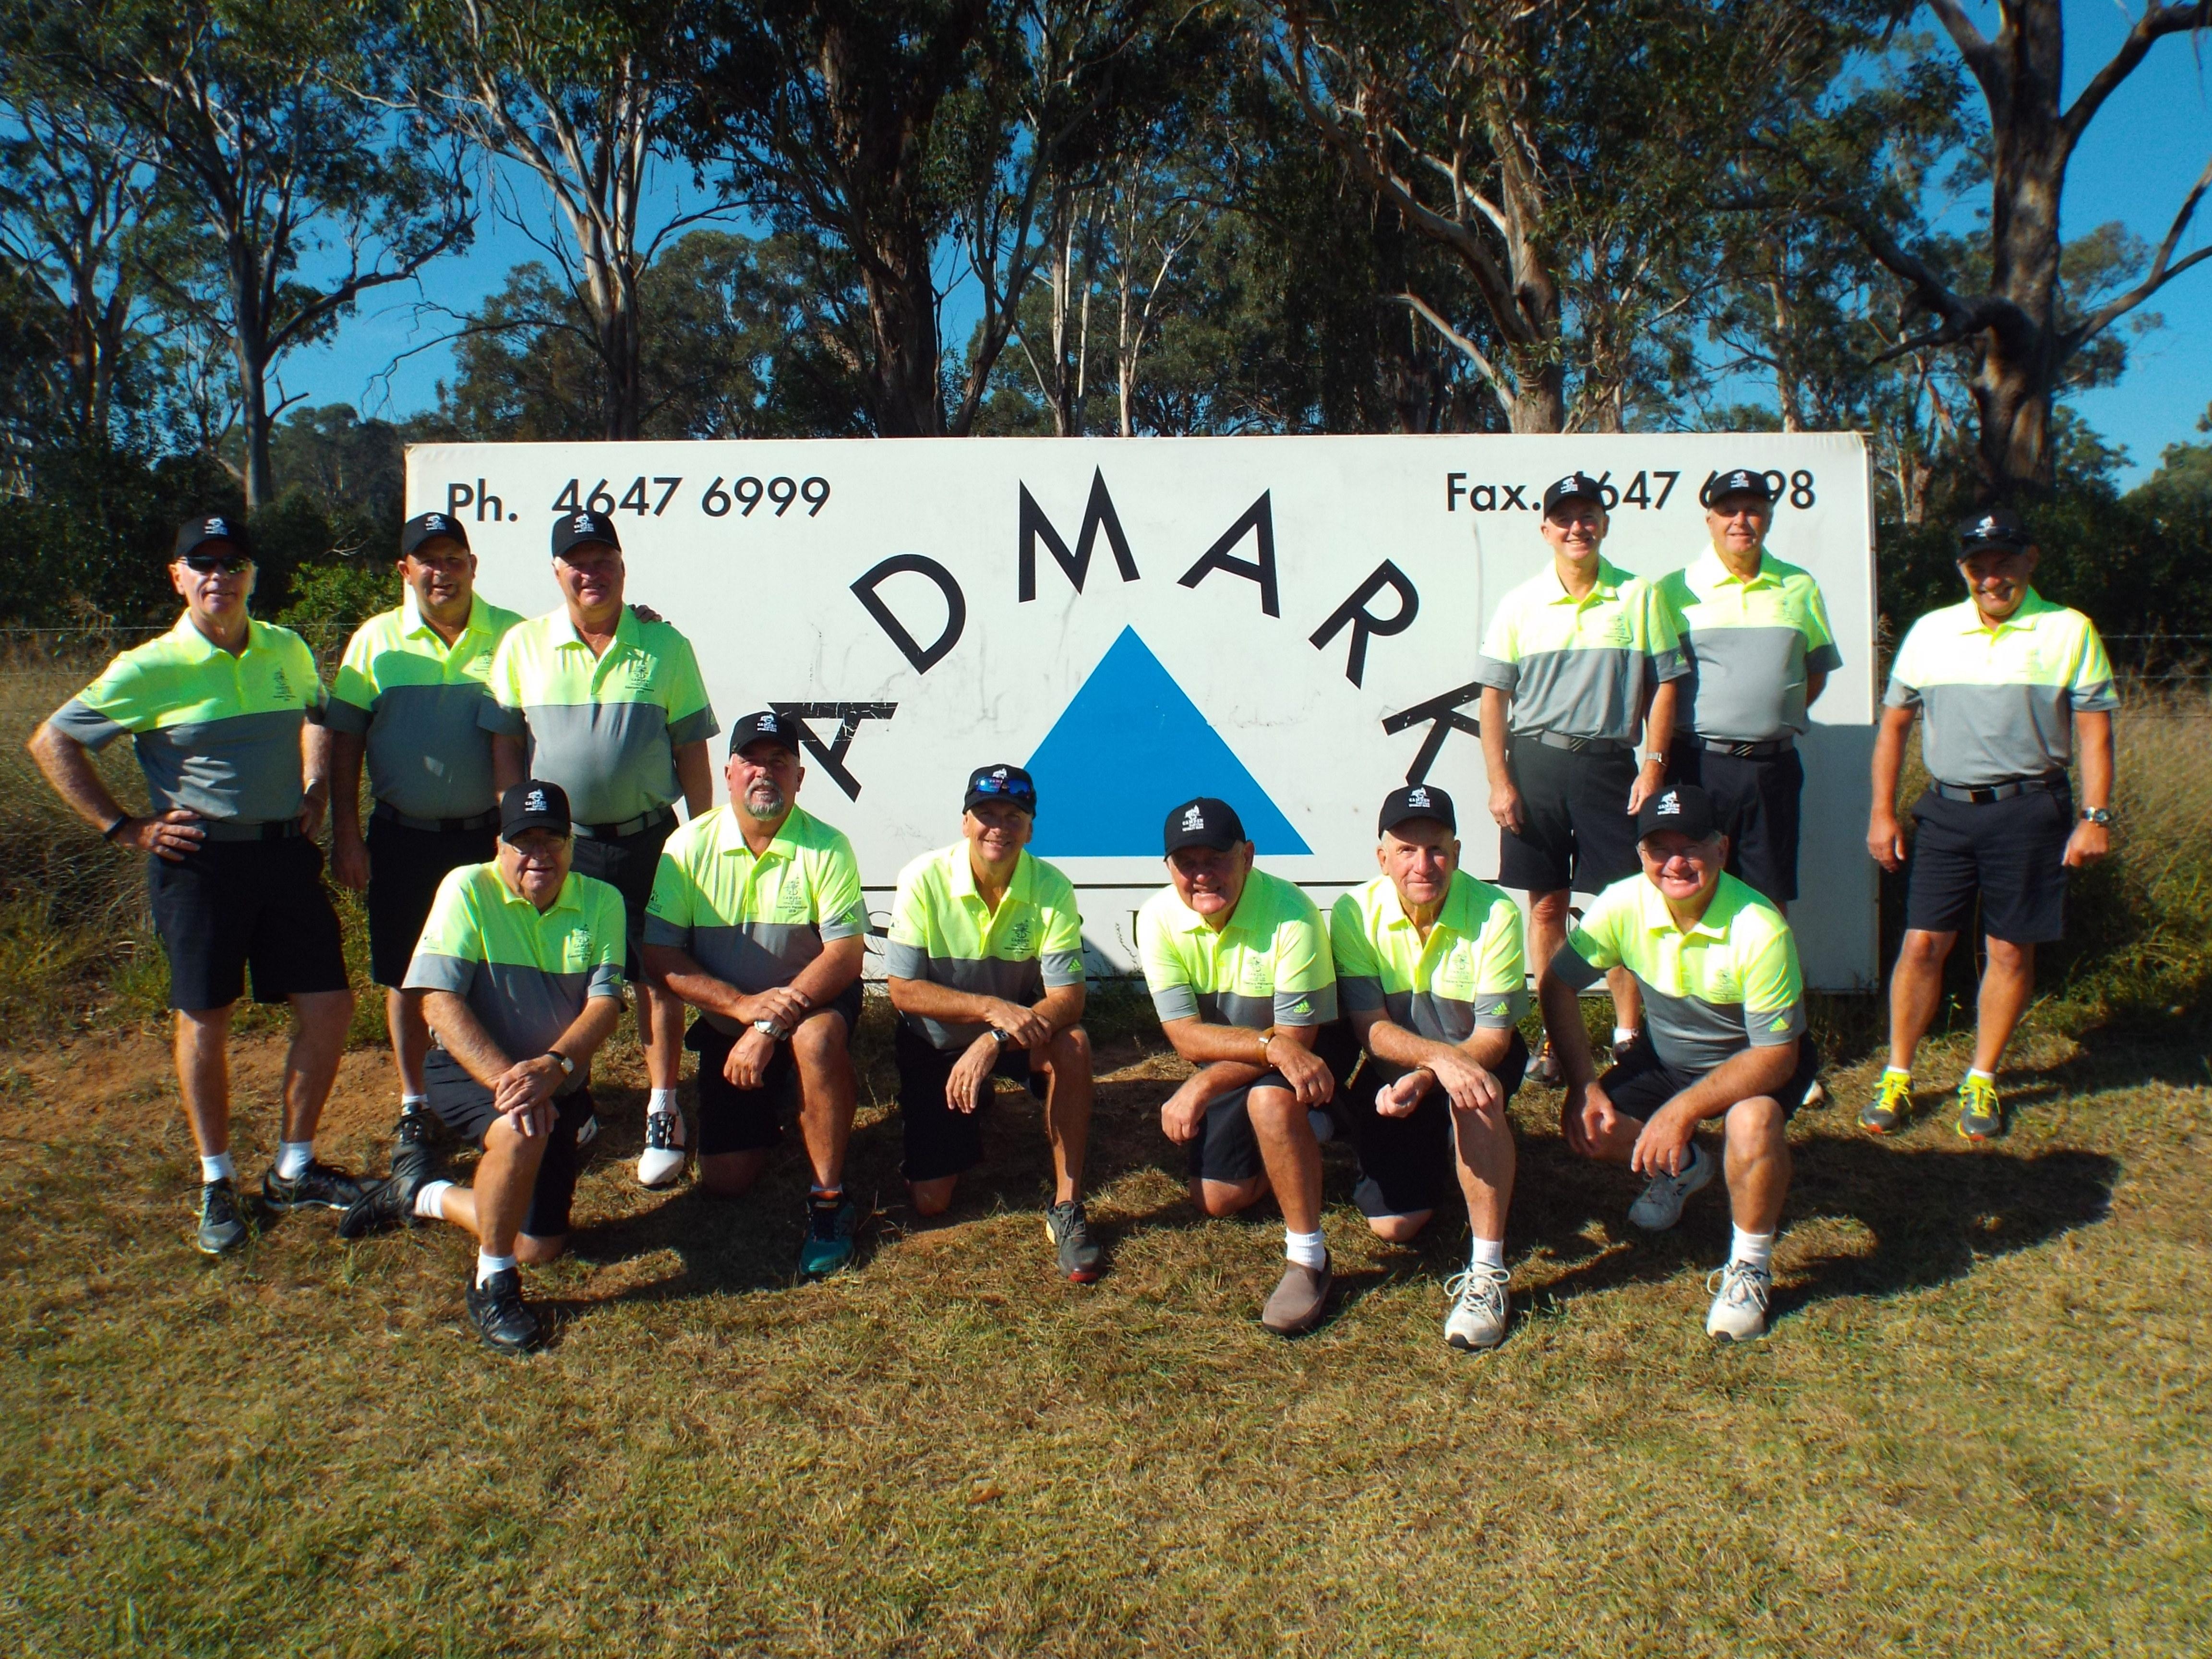 Masters Pennant Team